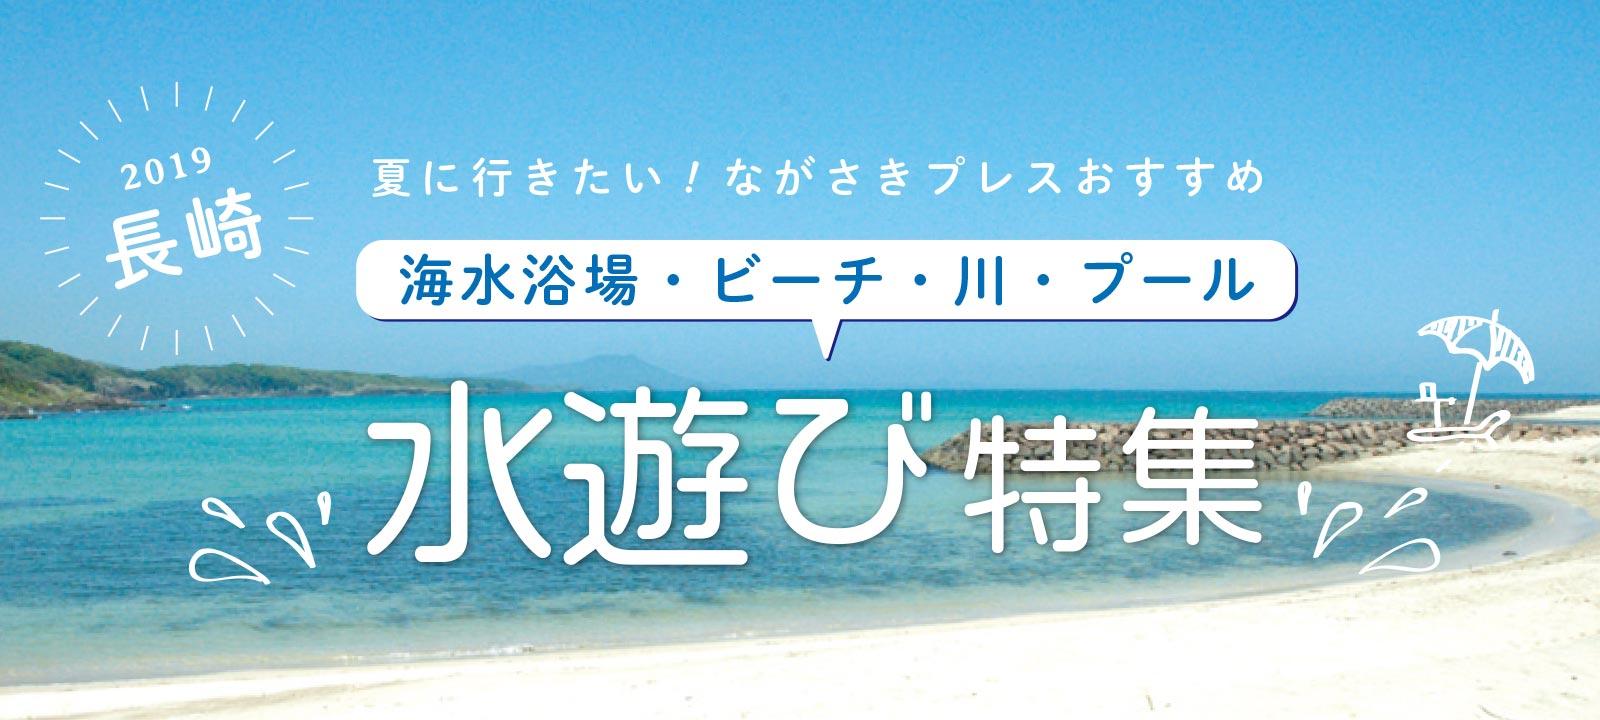 長崎県 水遊び 海水浴場 ビーチ 川 プール 特集